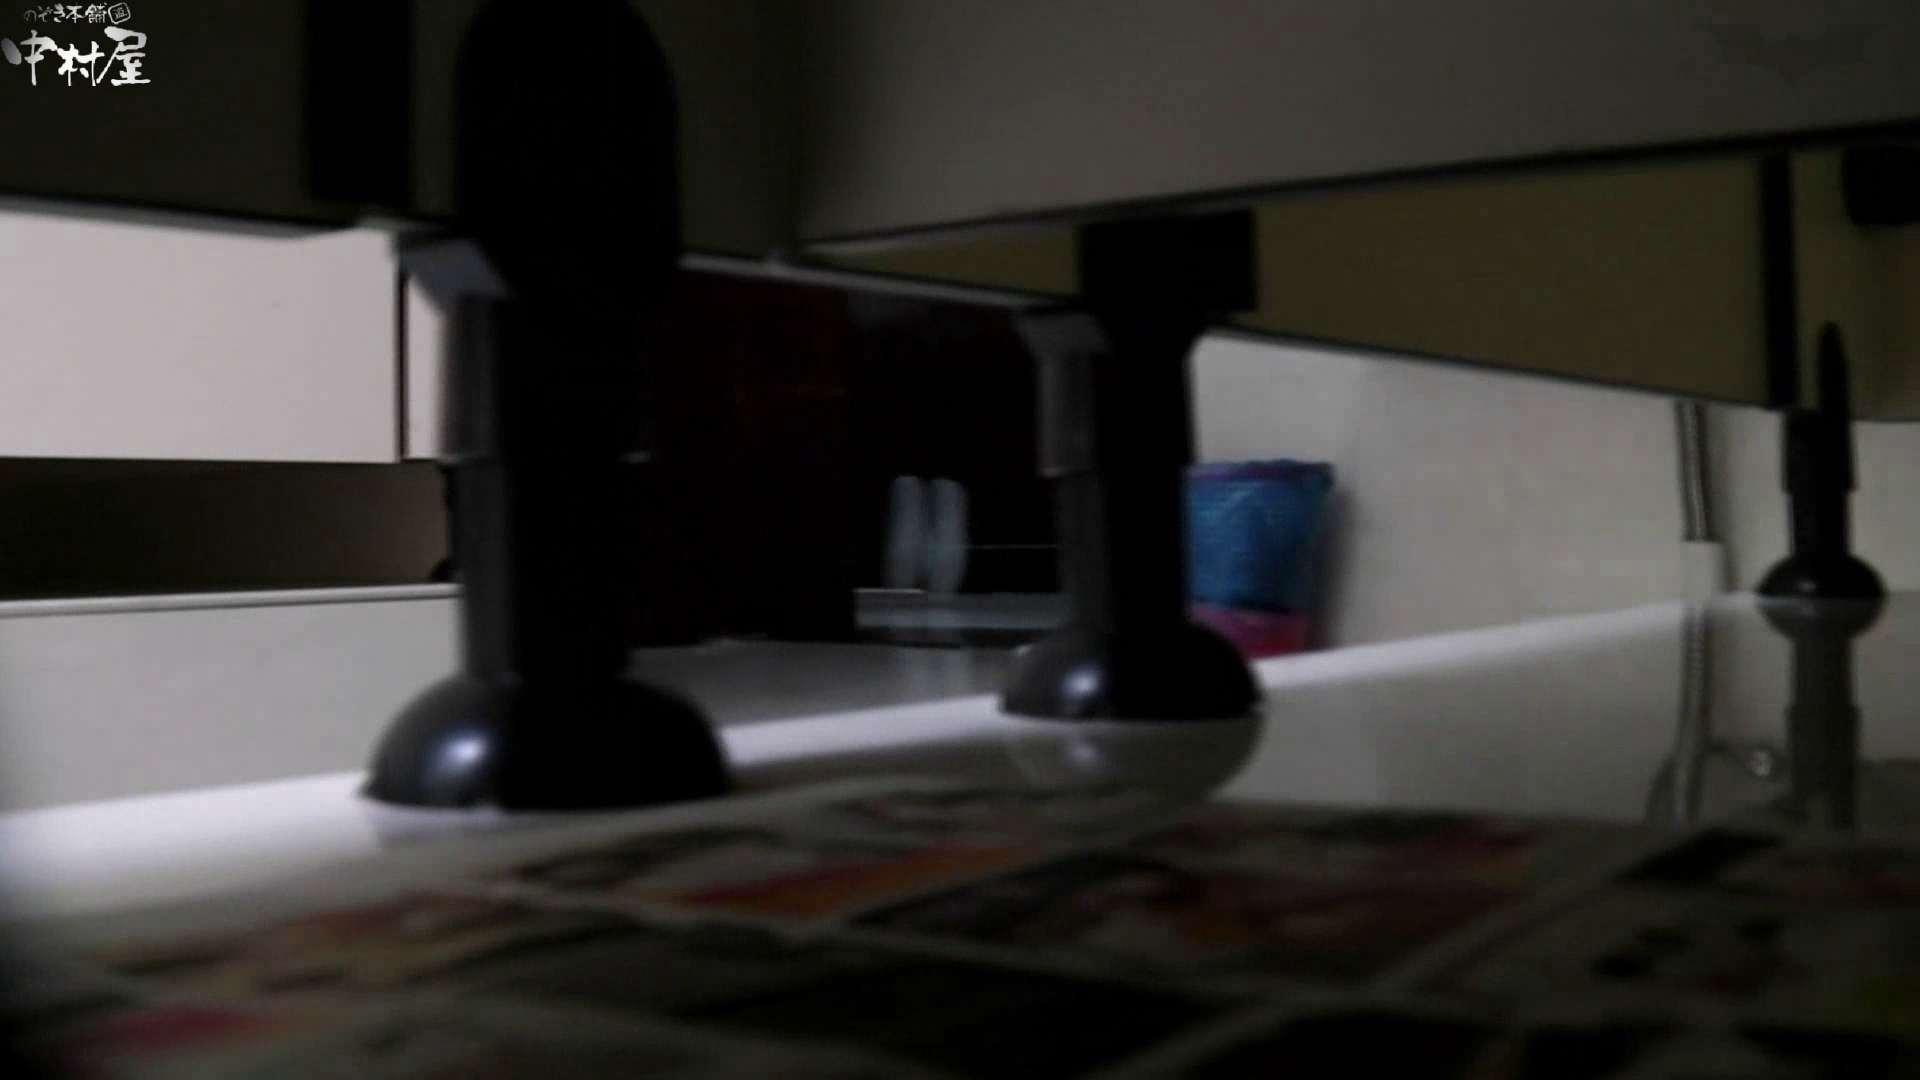 お市さんの「お尻丸出しジャンボリー」No.12 黒人 オマンコ無修正動画無料 63連発 26